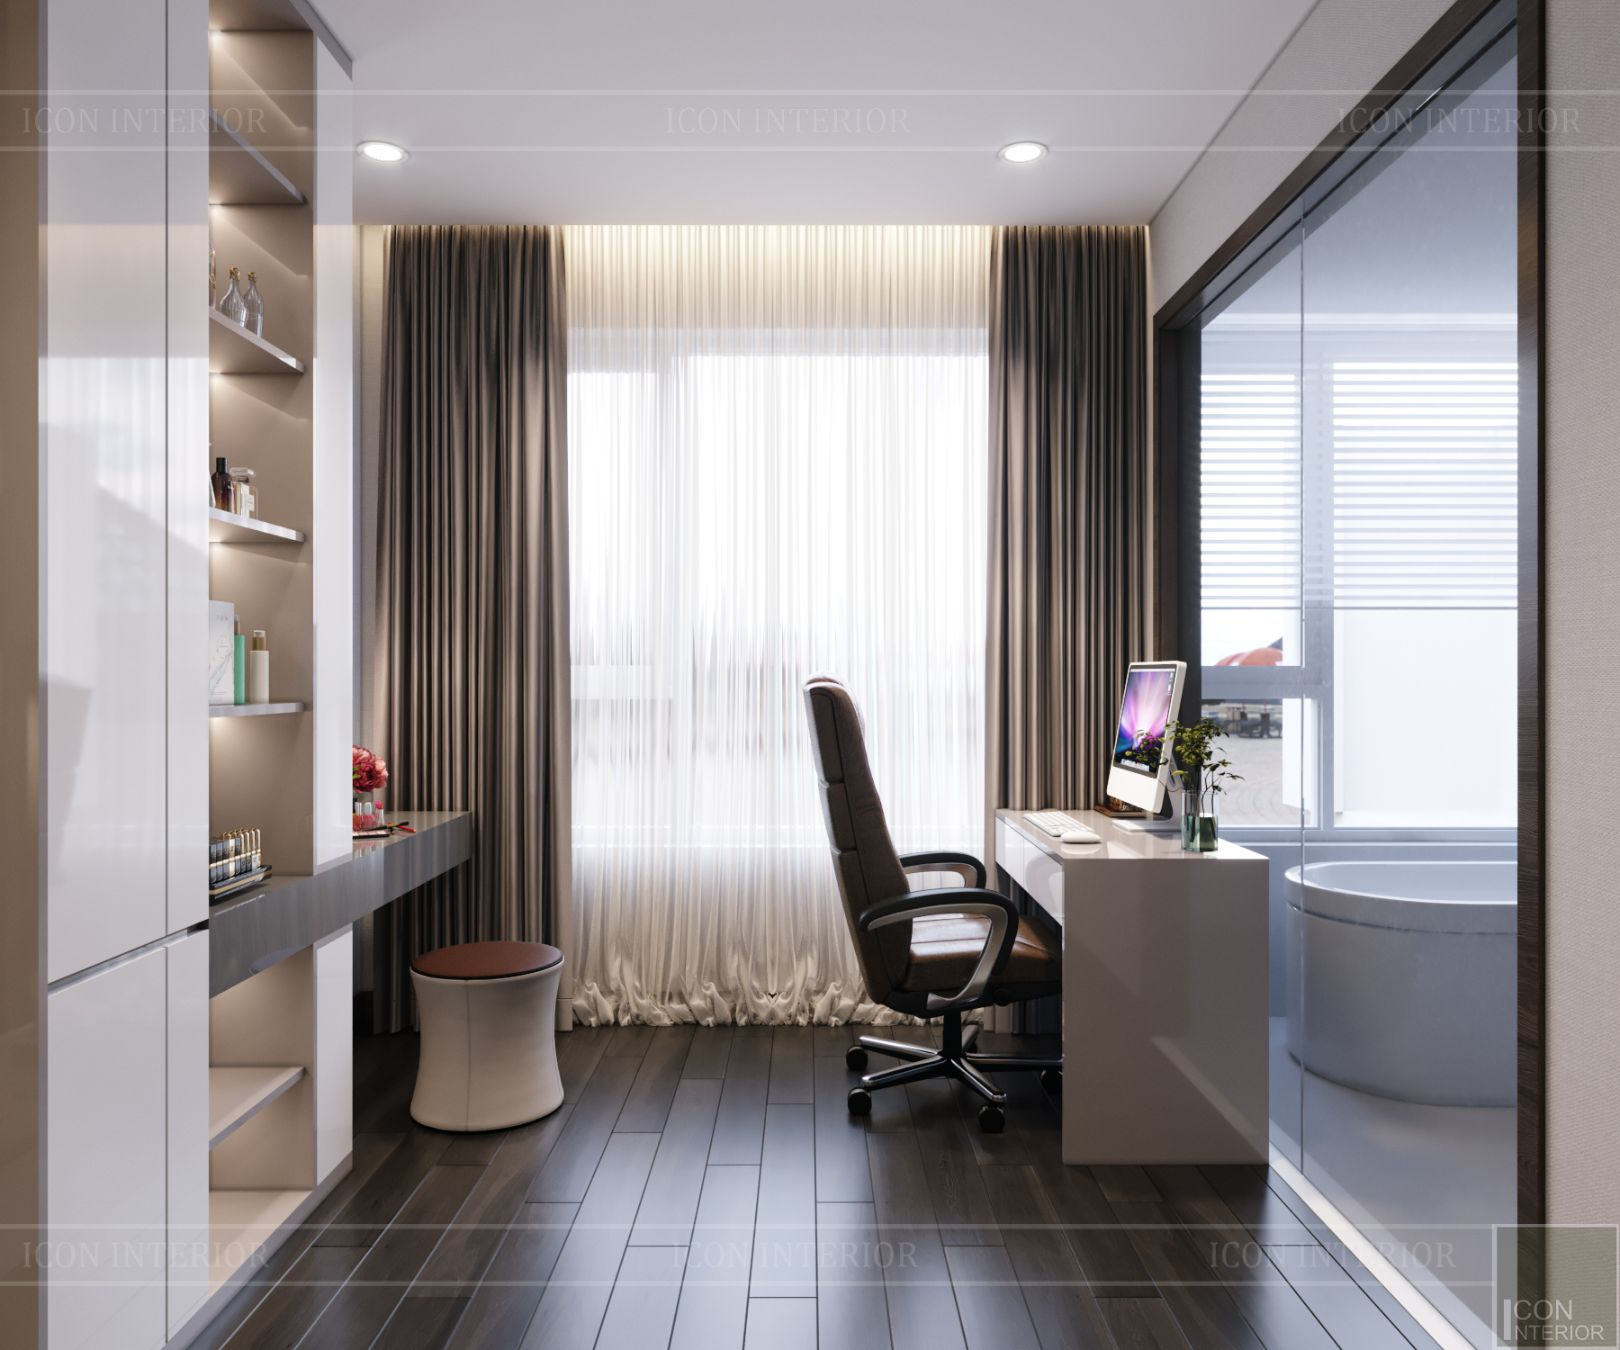 thiết kế nội thất căn hộ diamond island - phòng ngủ master 2